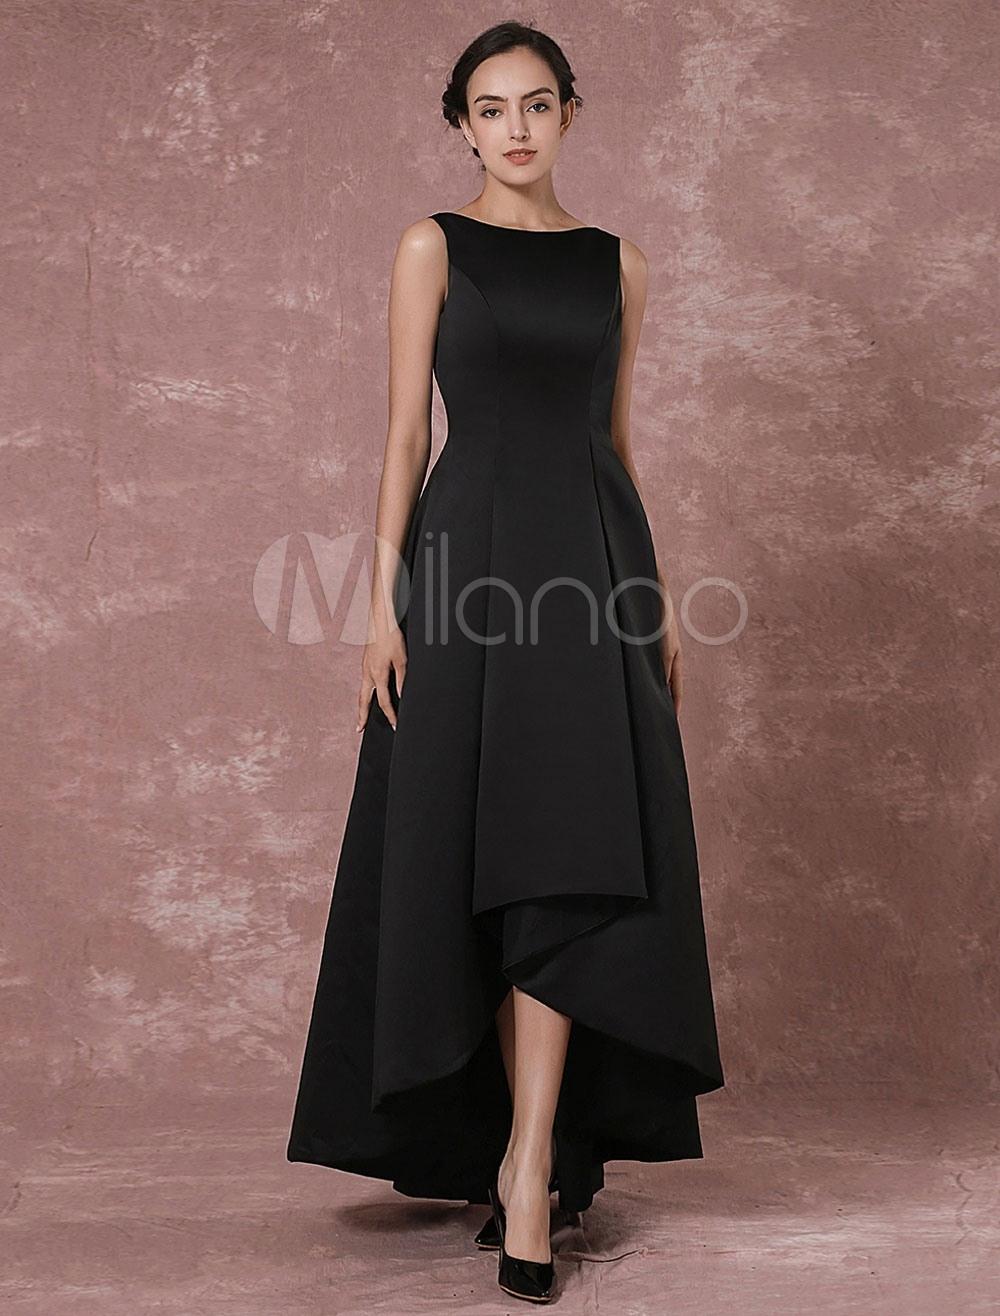 9 Top Abendkleider Eng Lang Ärmel - Abendkleid